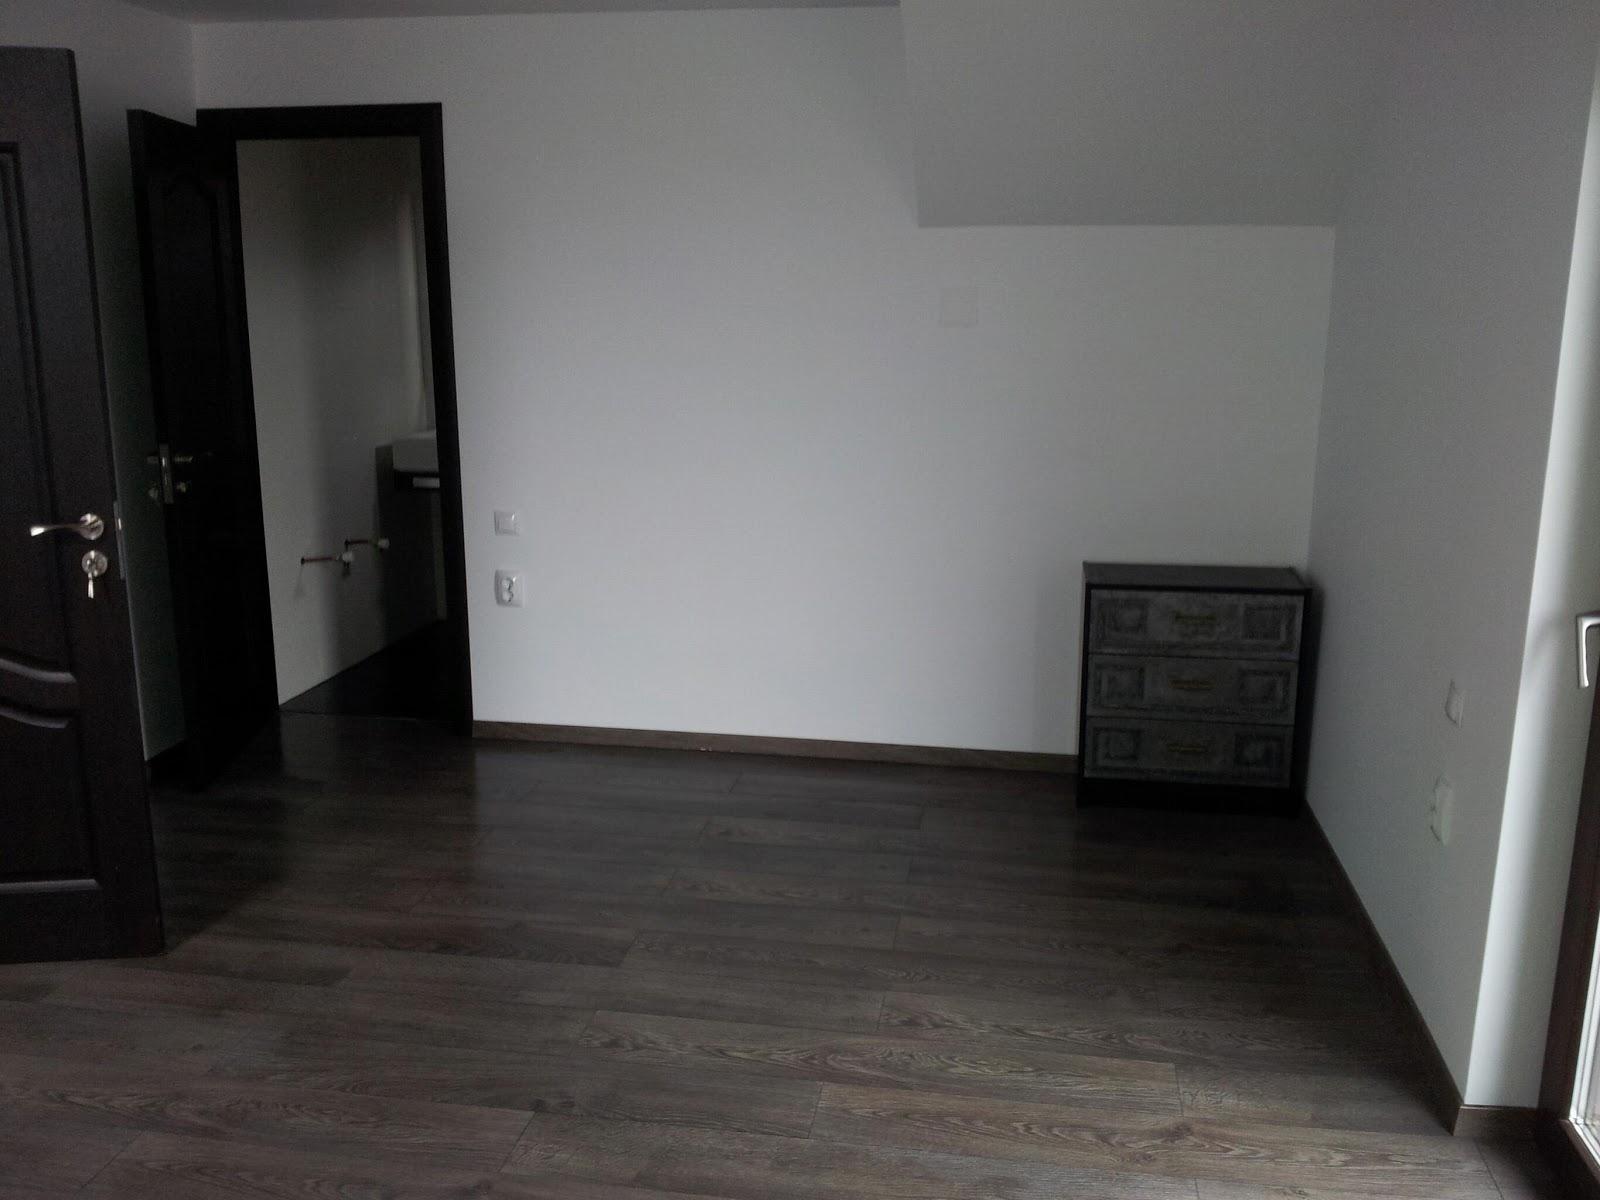 Empty Apartment Bedroom empty dark bedroom | shoe800